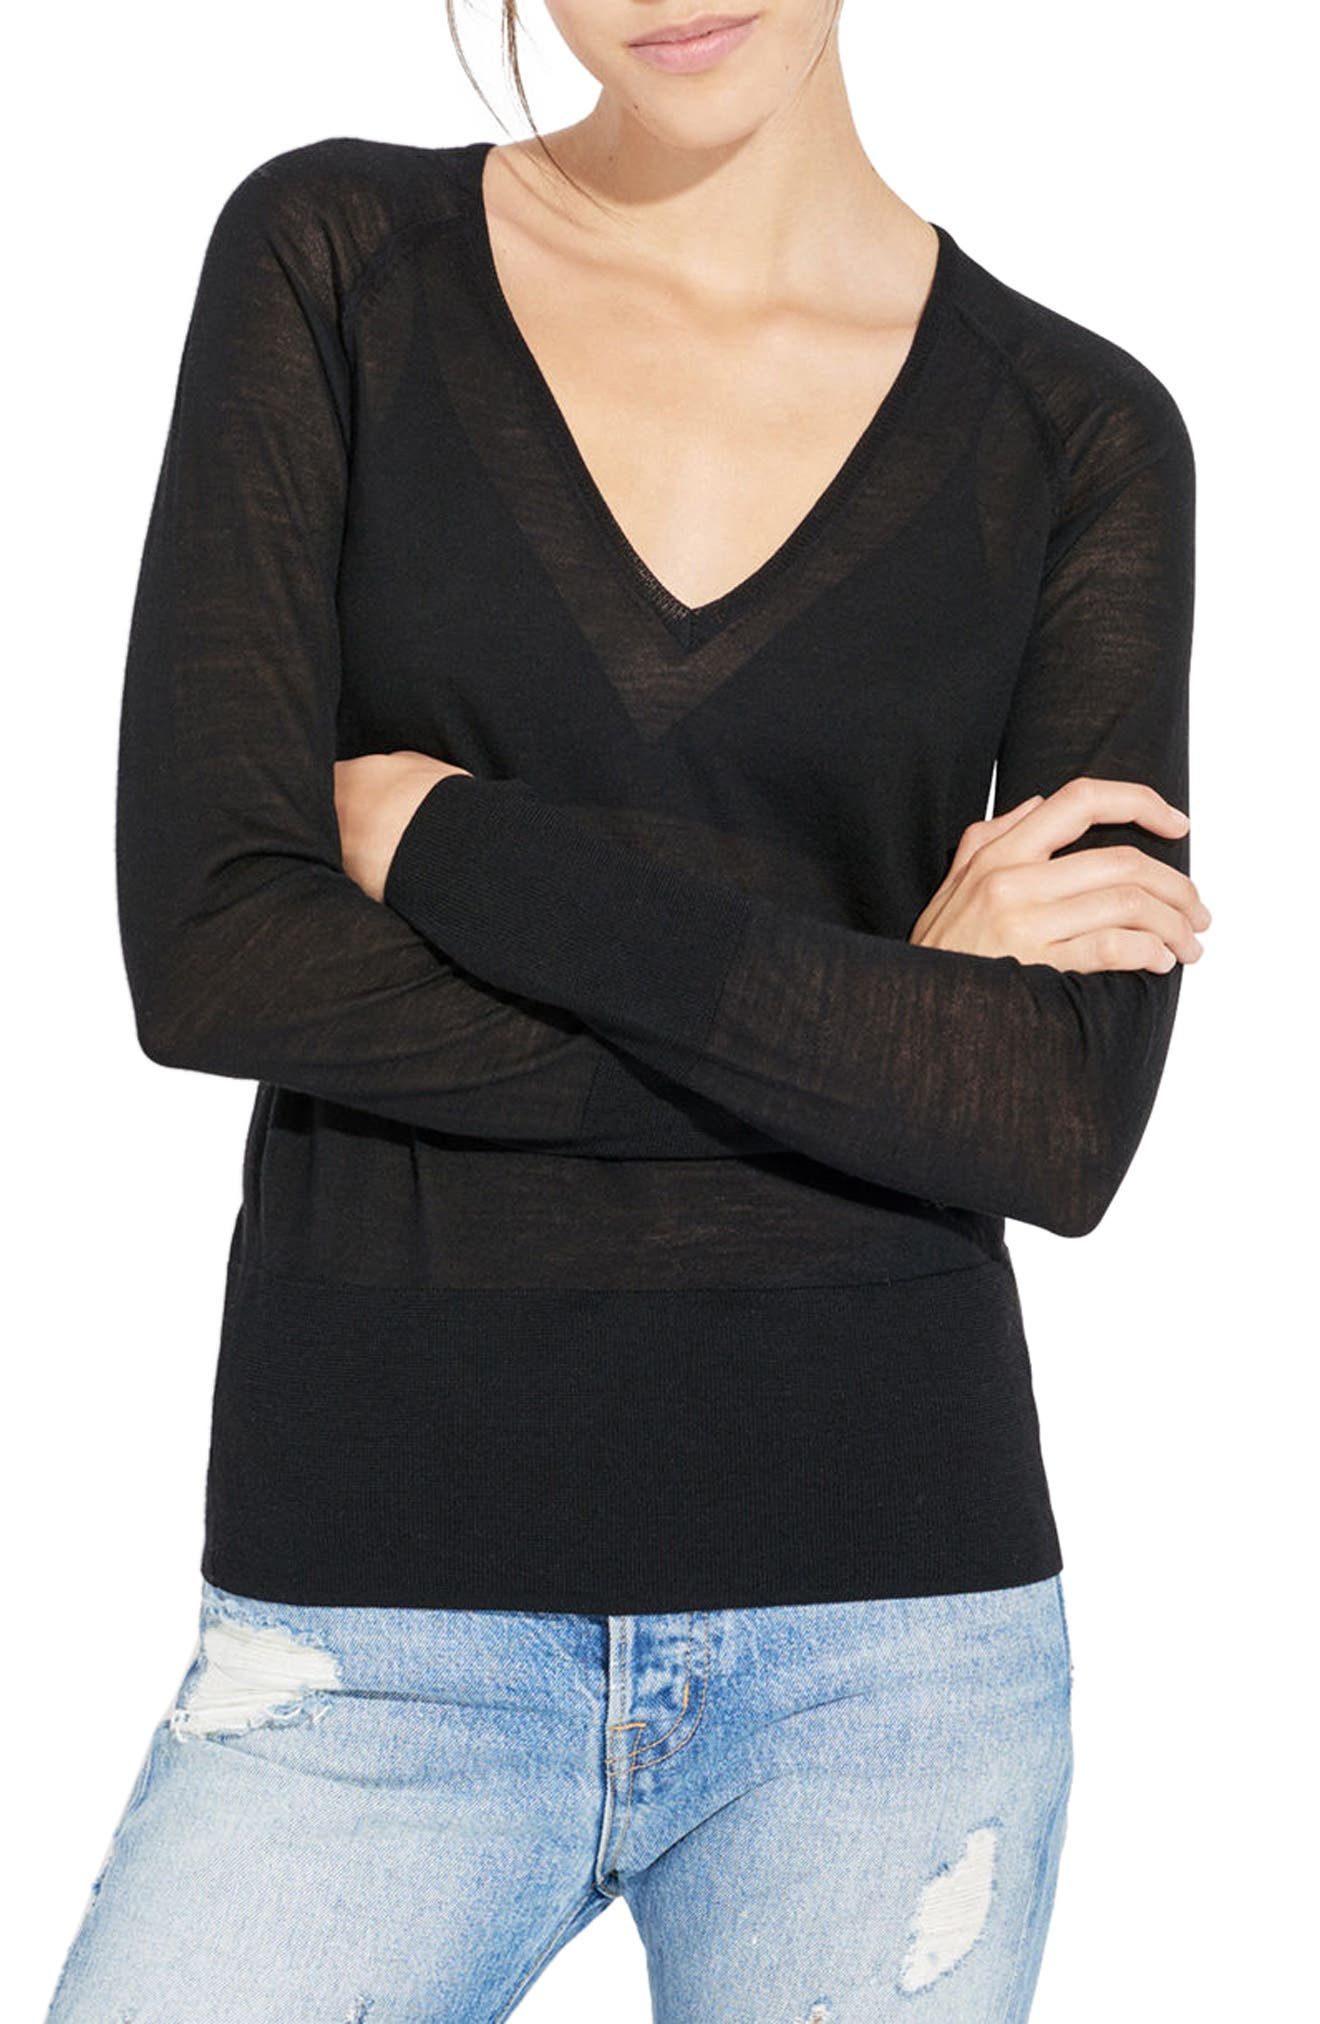 Main Image - AYR The Slice Merino Wool Sweater